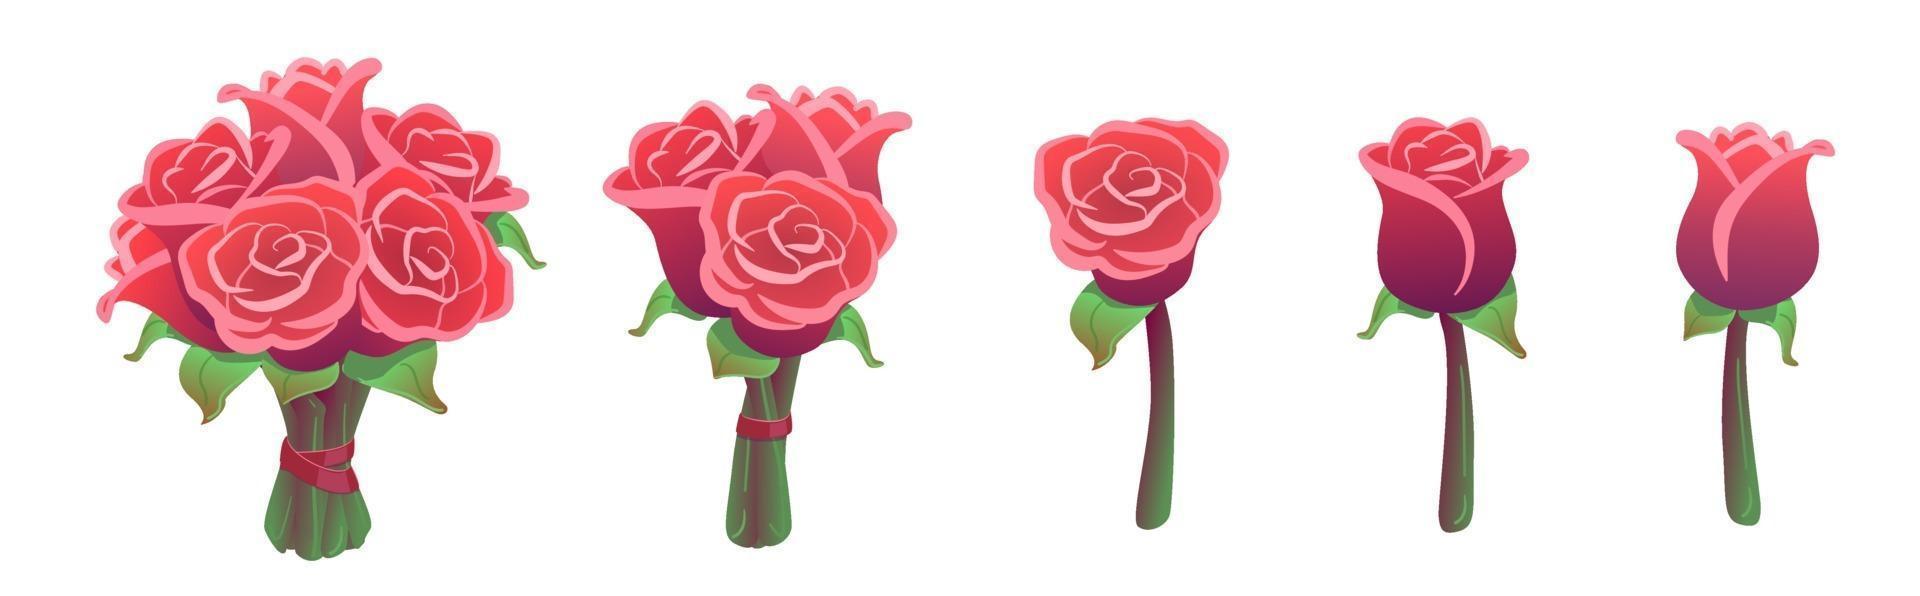 bella serie mazzi di rose rosse isolati su sfondo bianco. pacchetto di adesivi regalo di San Valentino. fiori grandi, piccoli e singoli. collezione floreale di nozze. illustrazione vettoriale. amore, elementi di design romanticismo vettore